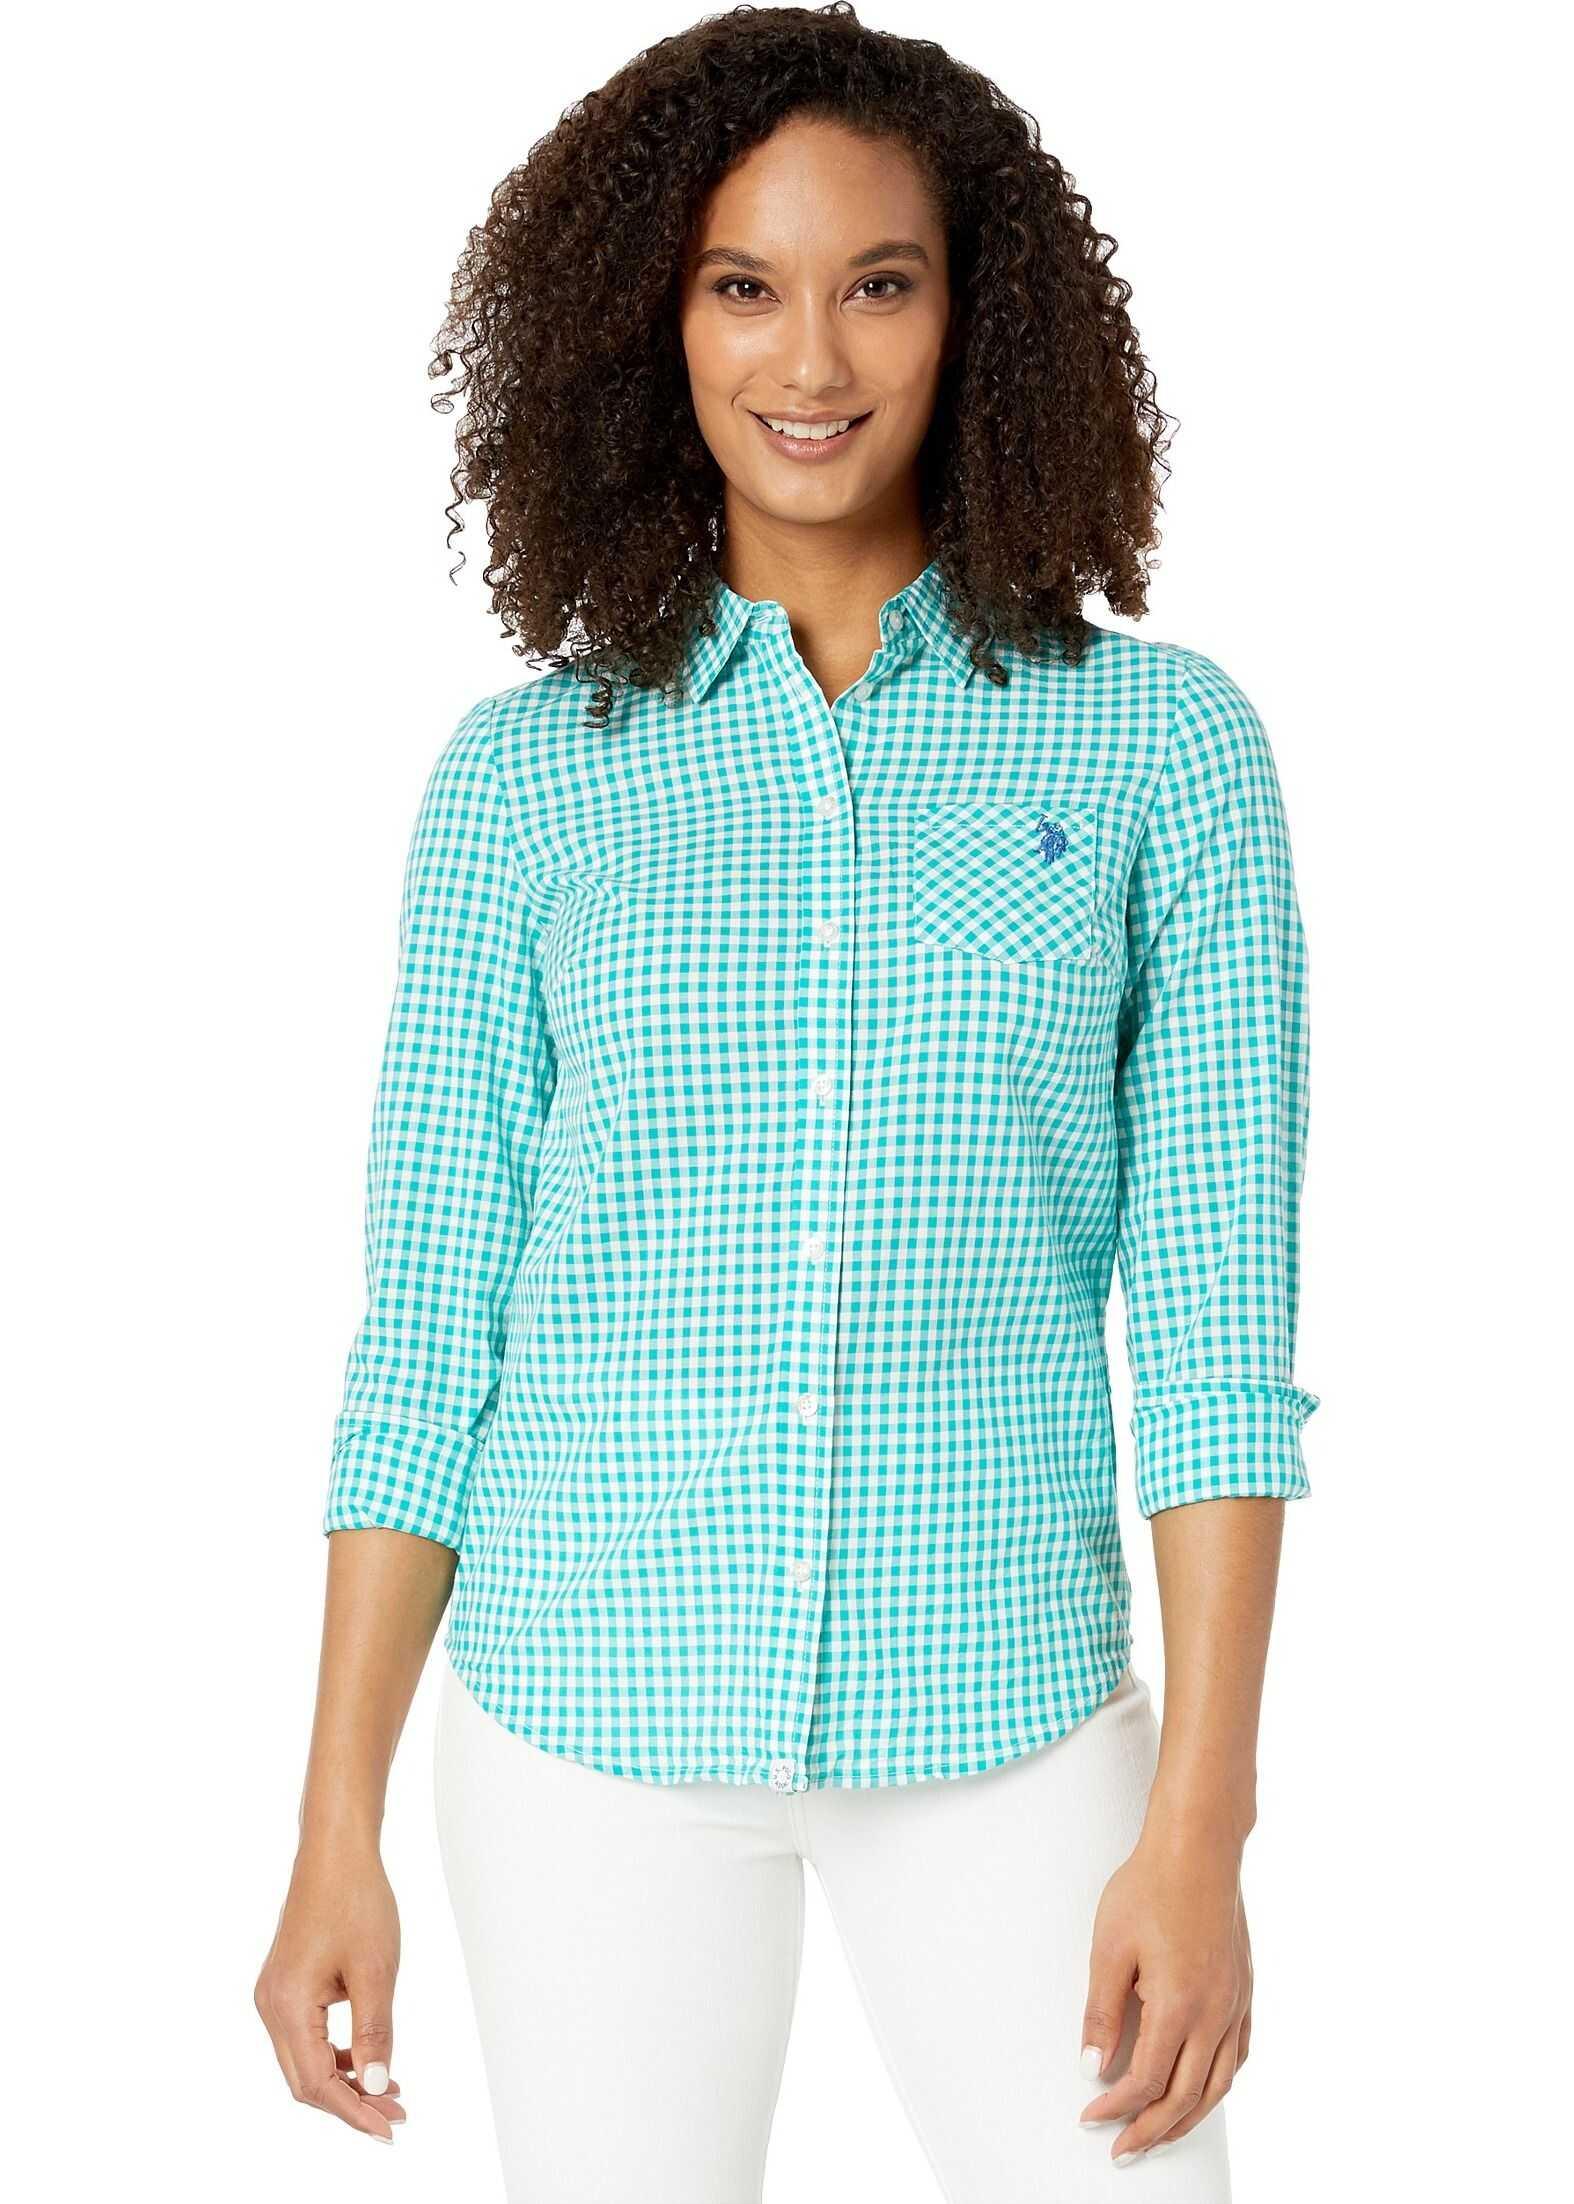 U.S. POLO ASSN. Plaid Woven Shirt Deep Aquamarine